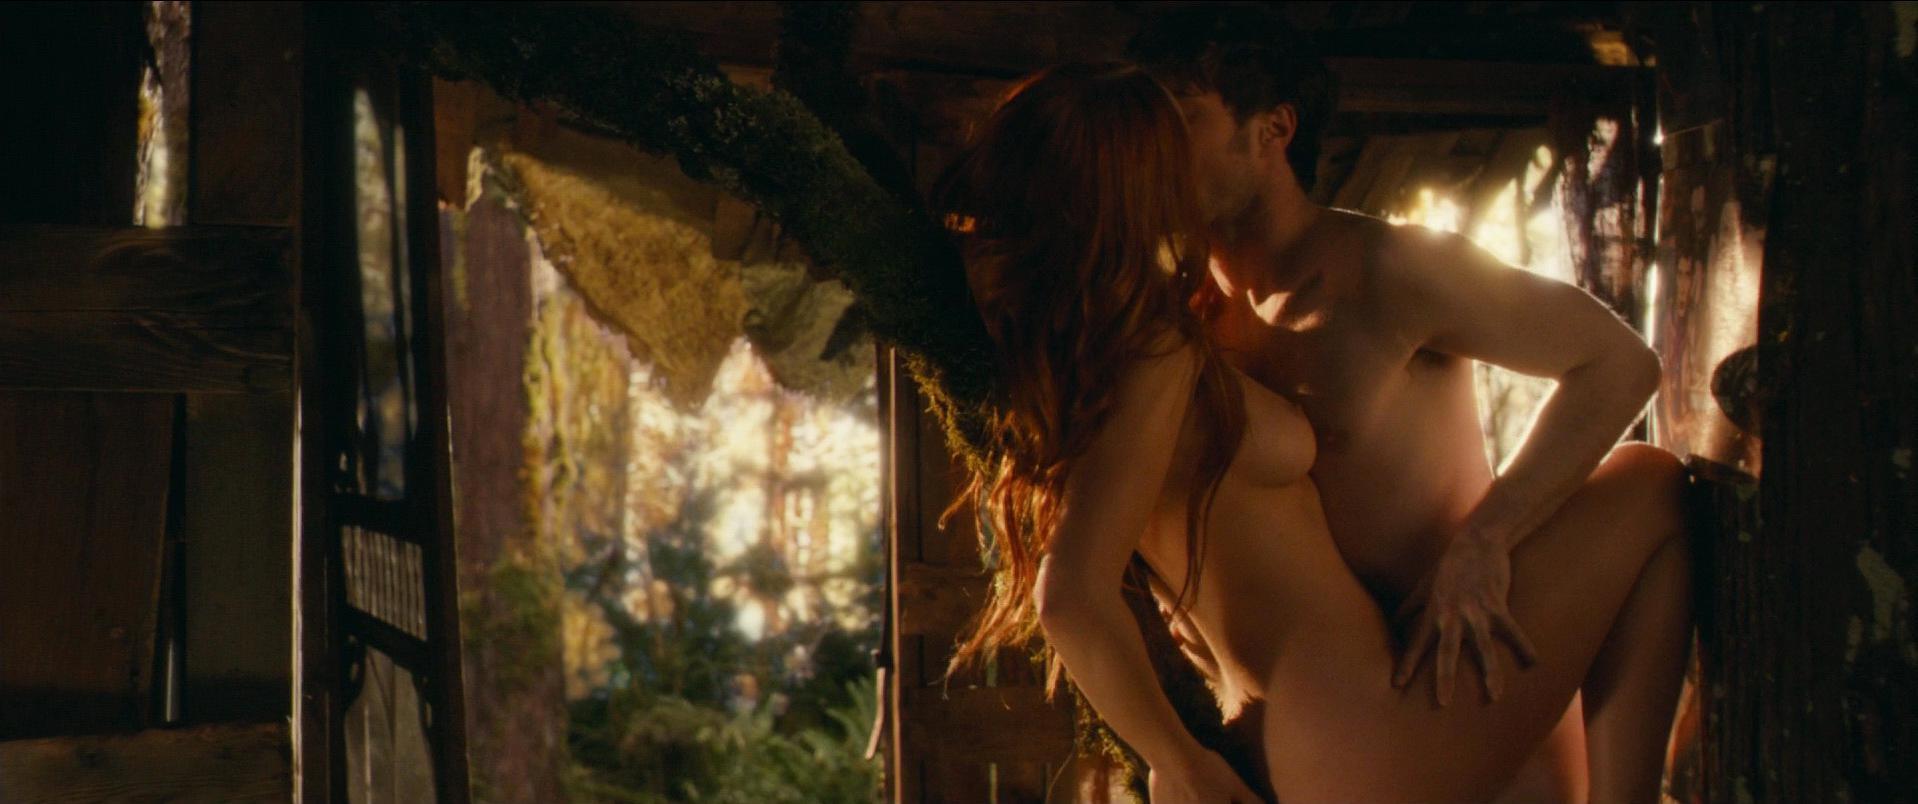 Juno Temple nude, Kendra Anderson nude - Horns (2013)